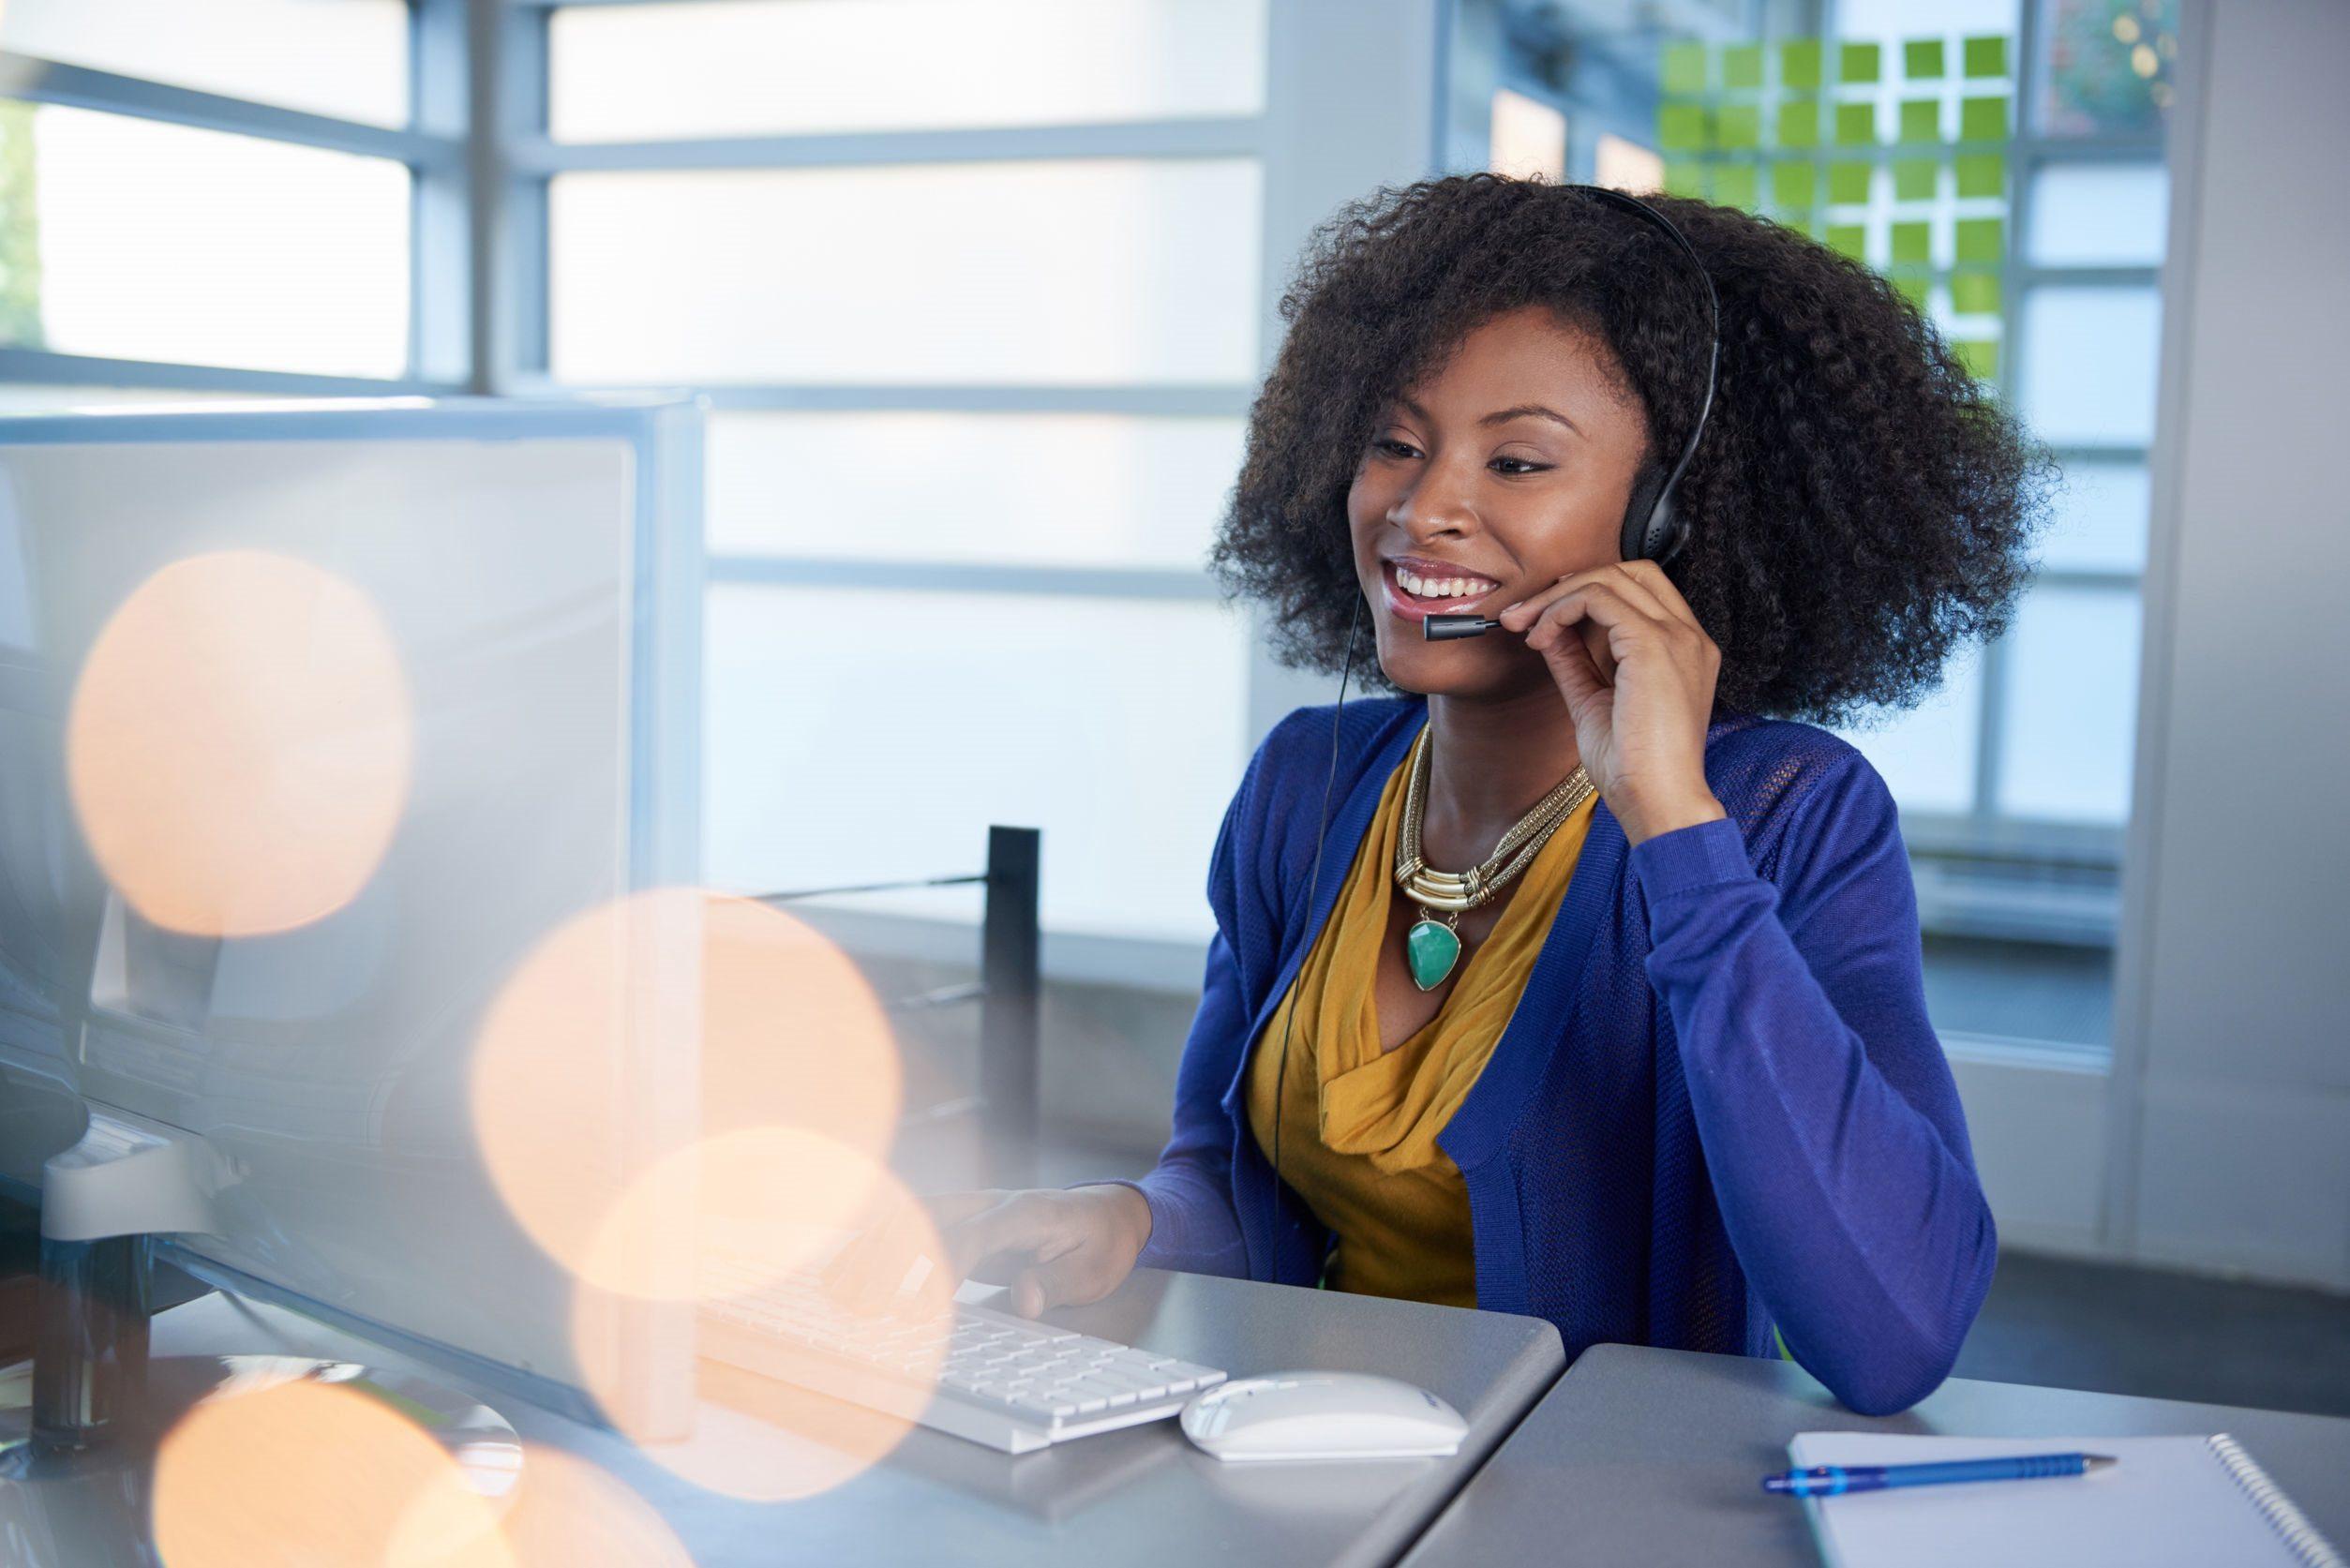 Goede klantenservice vereist een heldere strategie: de 5 niveau's van een contactstrategie